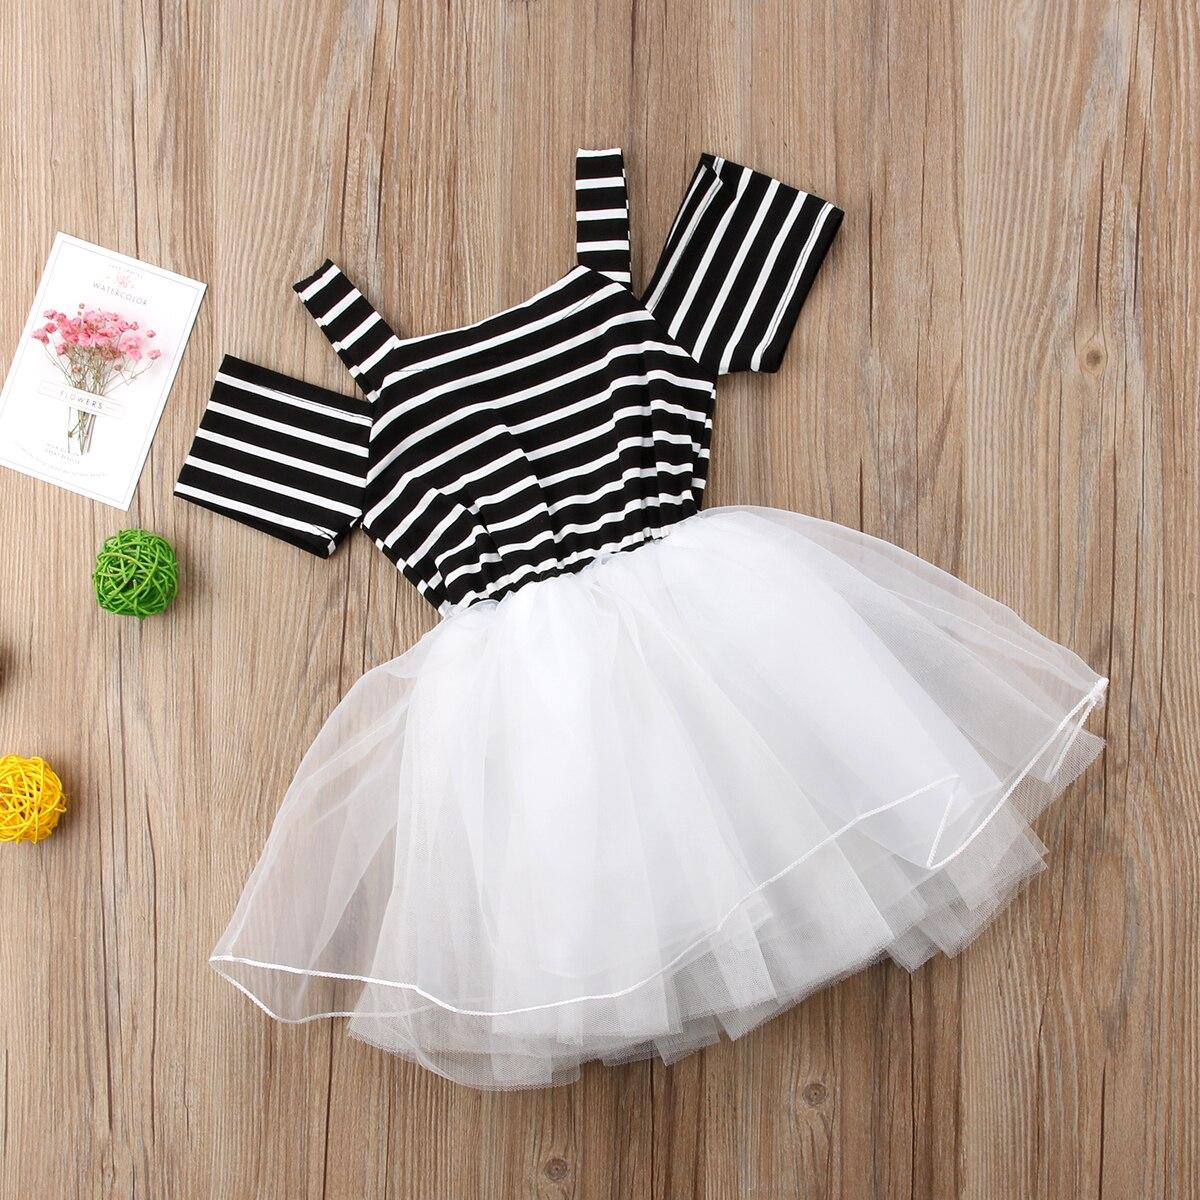 Ambitieus Peuter Baby Meisjes Prinses Mesh Jurk Pageant Party Wedding Tutu Dressy Kleding Voor 0-5 T Yu Uitverkoop Totale Korting 50-70%